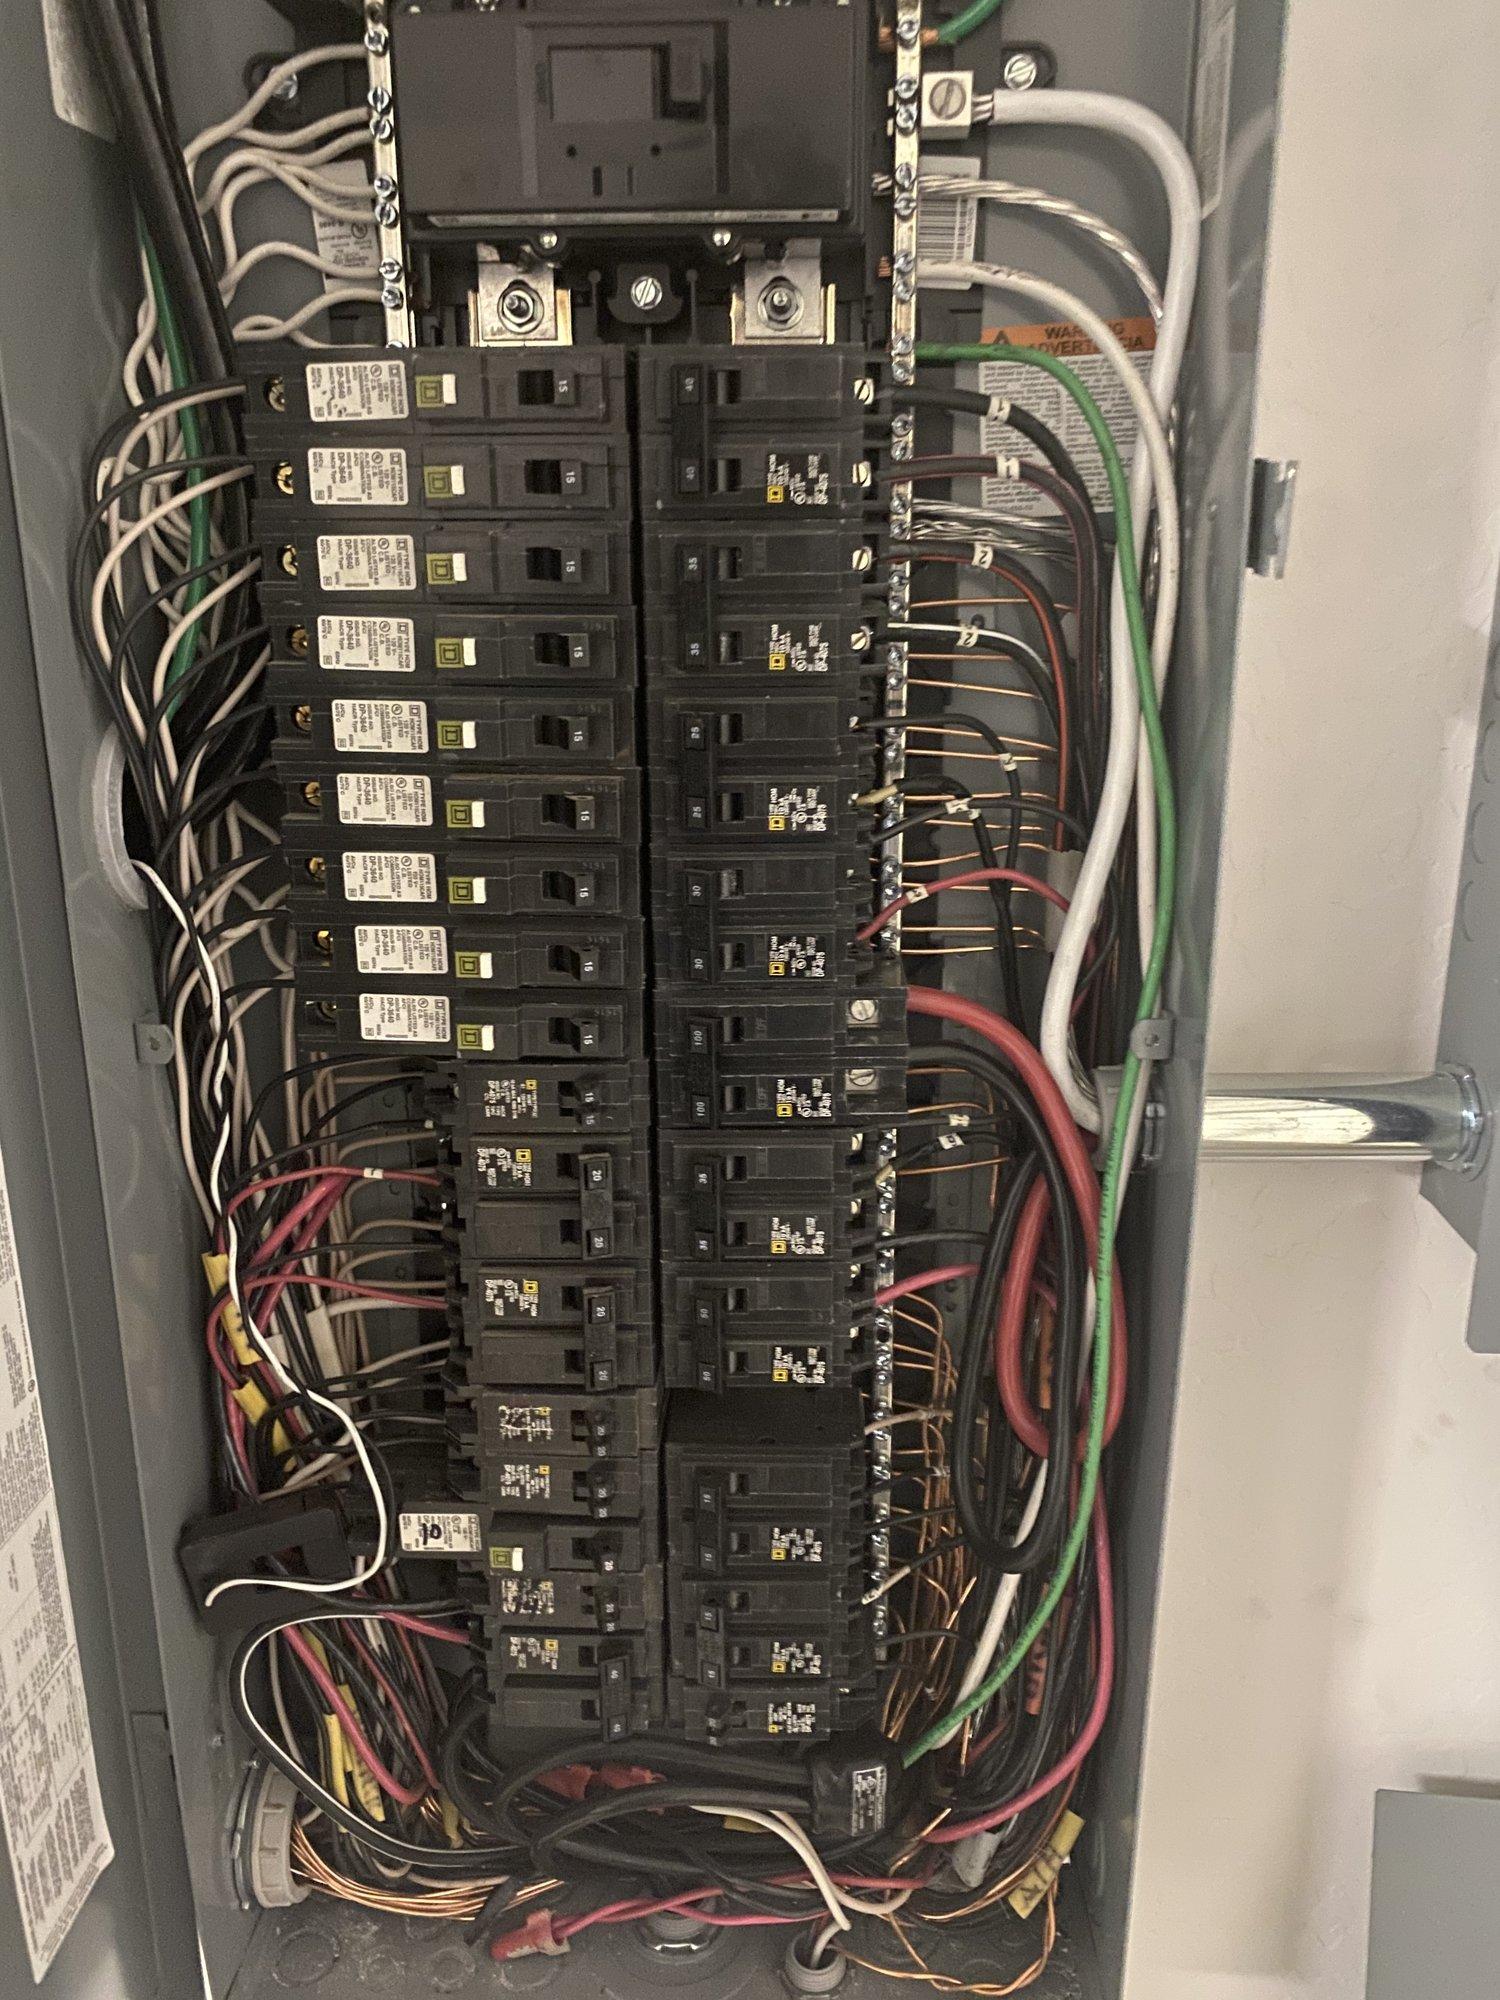 52E778BB-755B-4A3B-8179-94571C4D2B31.jpeg